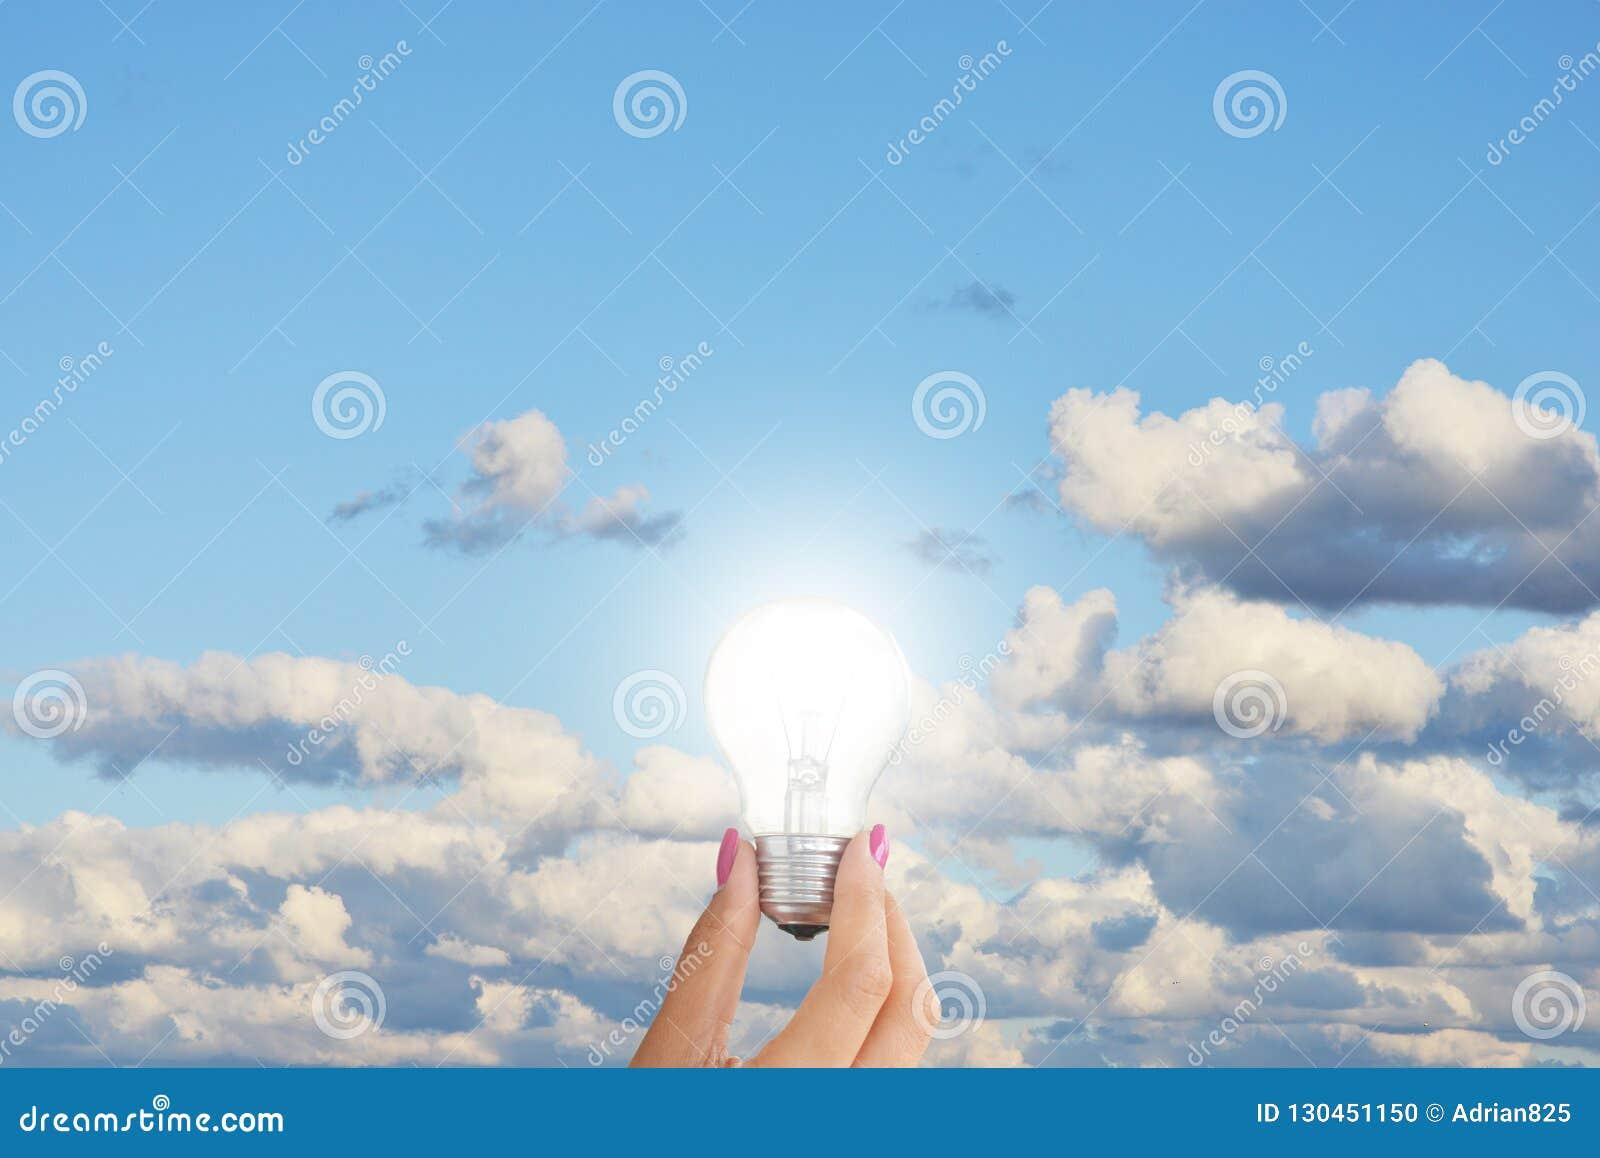 Bombilla en mano de la mujer contra el cielo azul que sugiere concepto de la creatividad